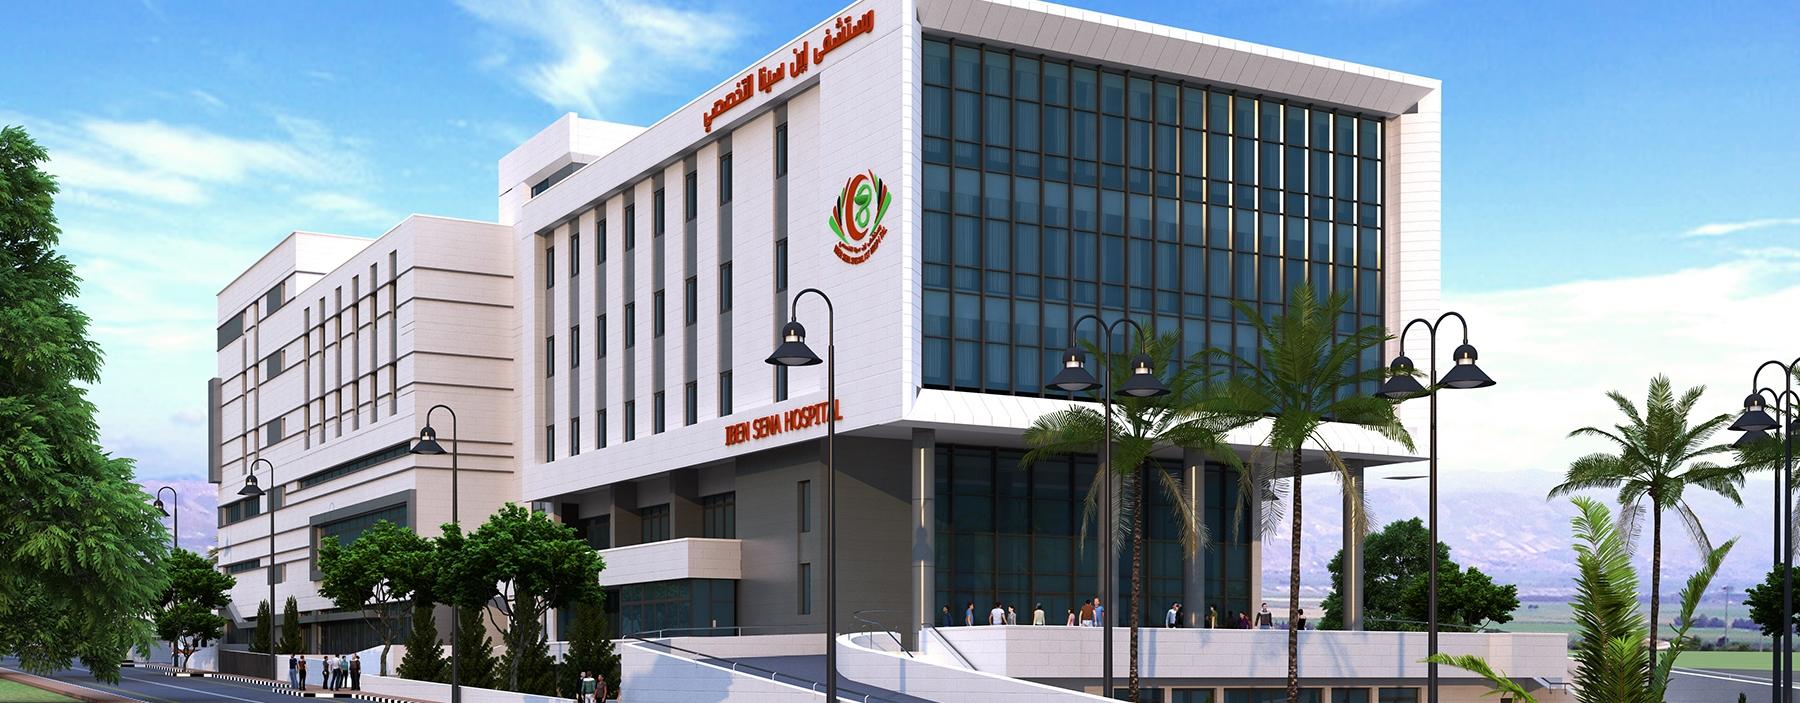 معلومات عن مستشفى ابن سينا جدة المرسال